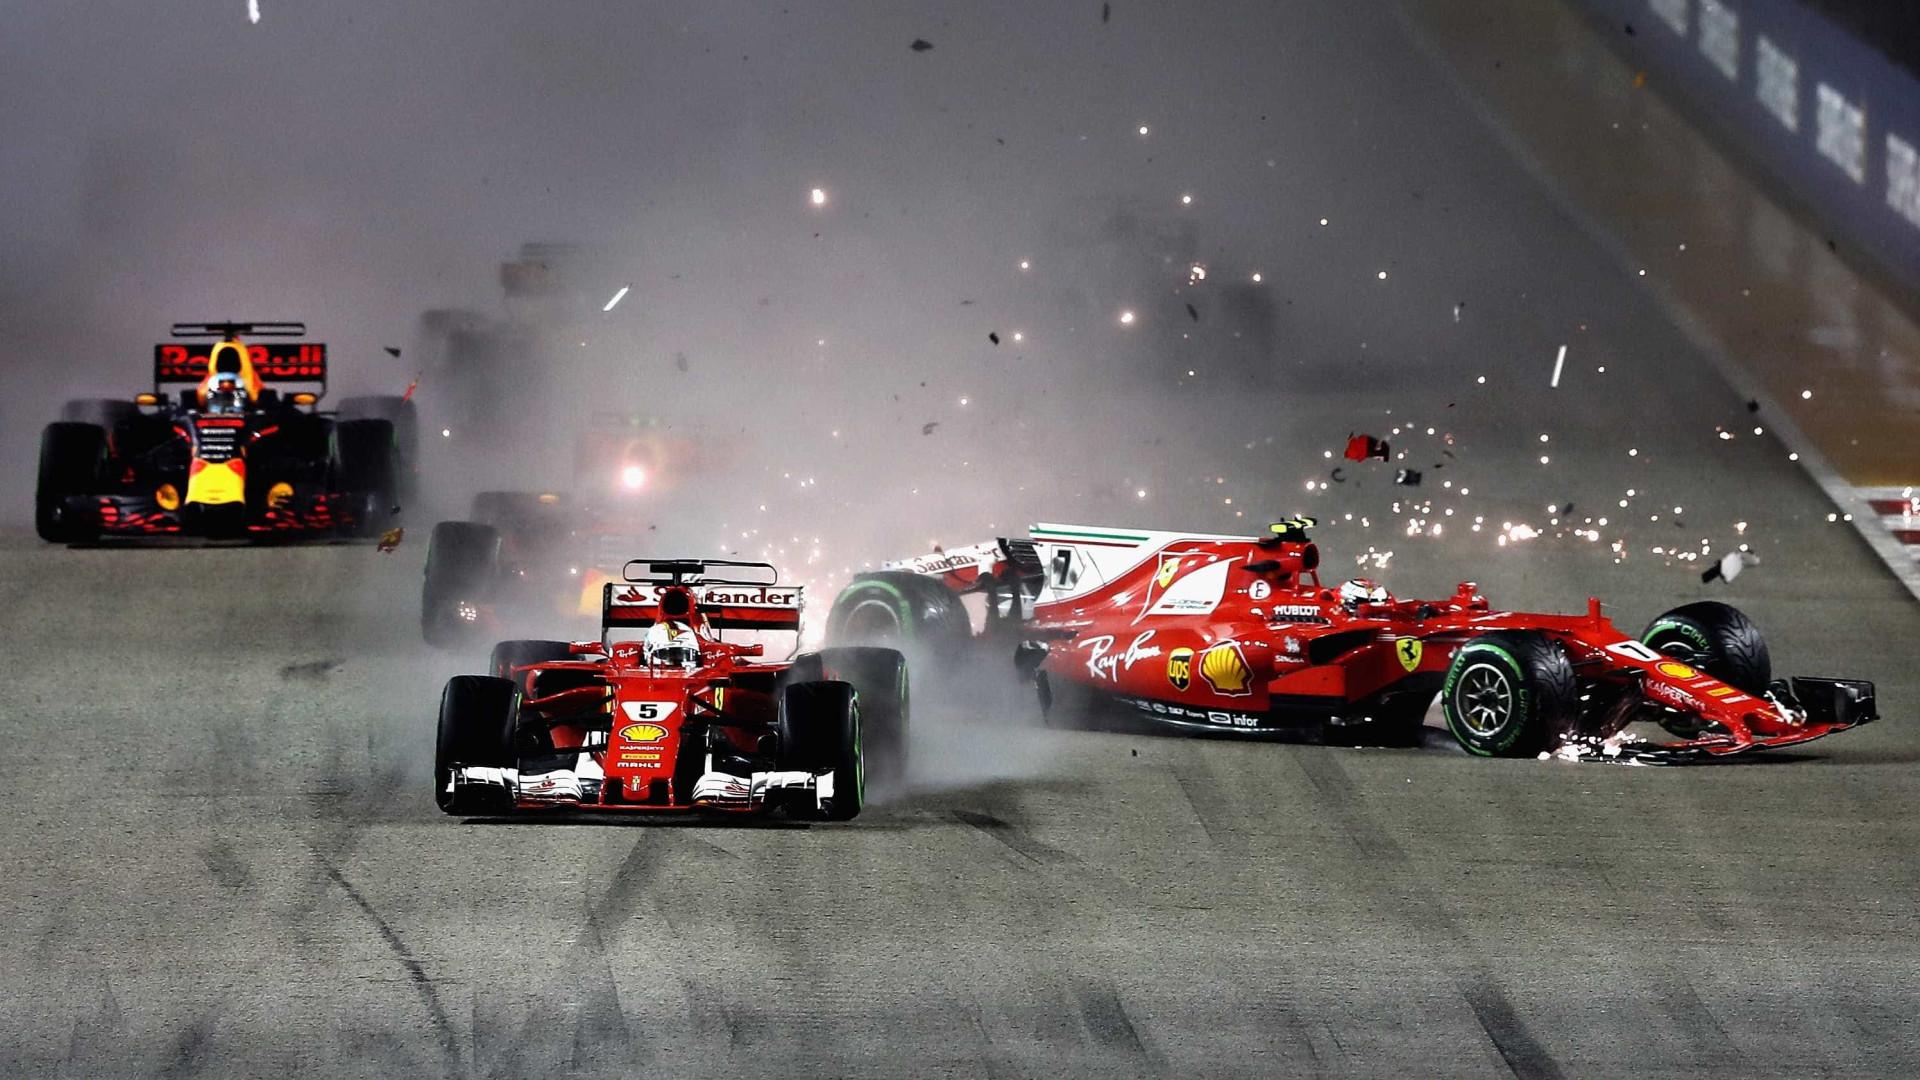 Largada caótica tira Vettel e Verstappen do GP de Cingapura na 1ª volta